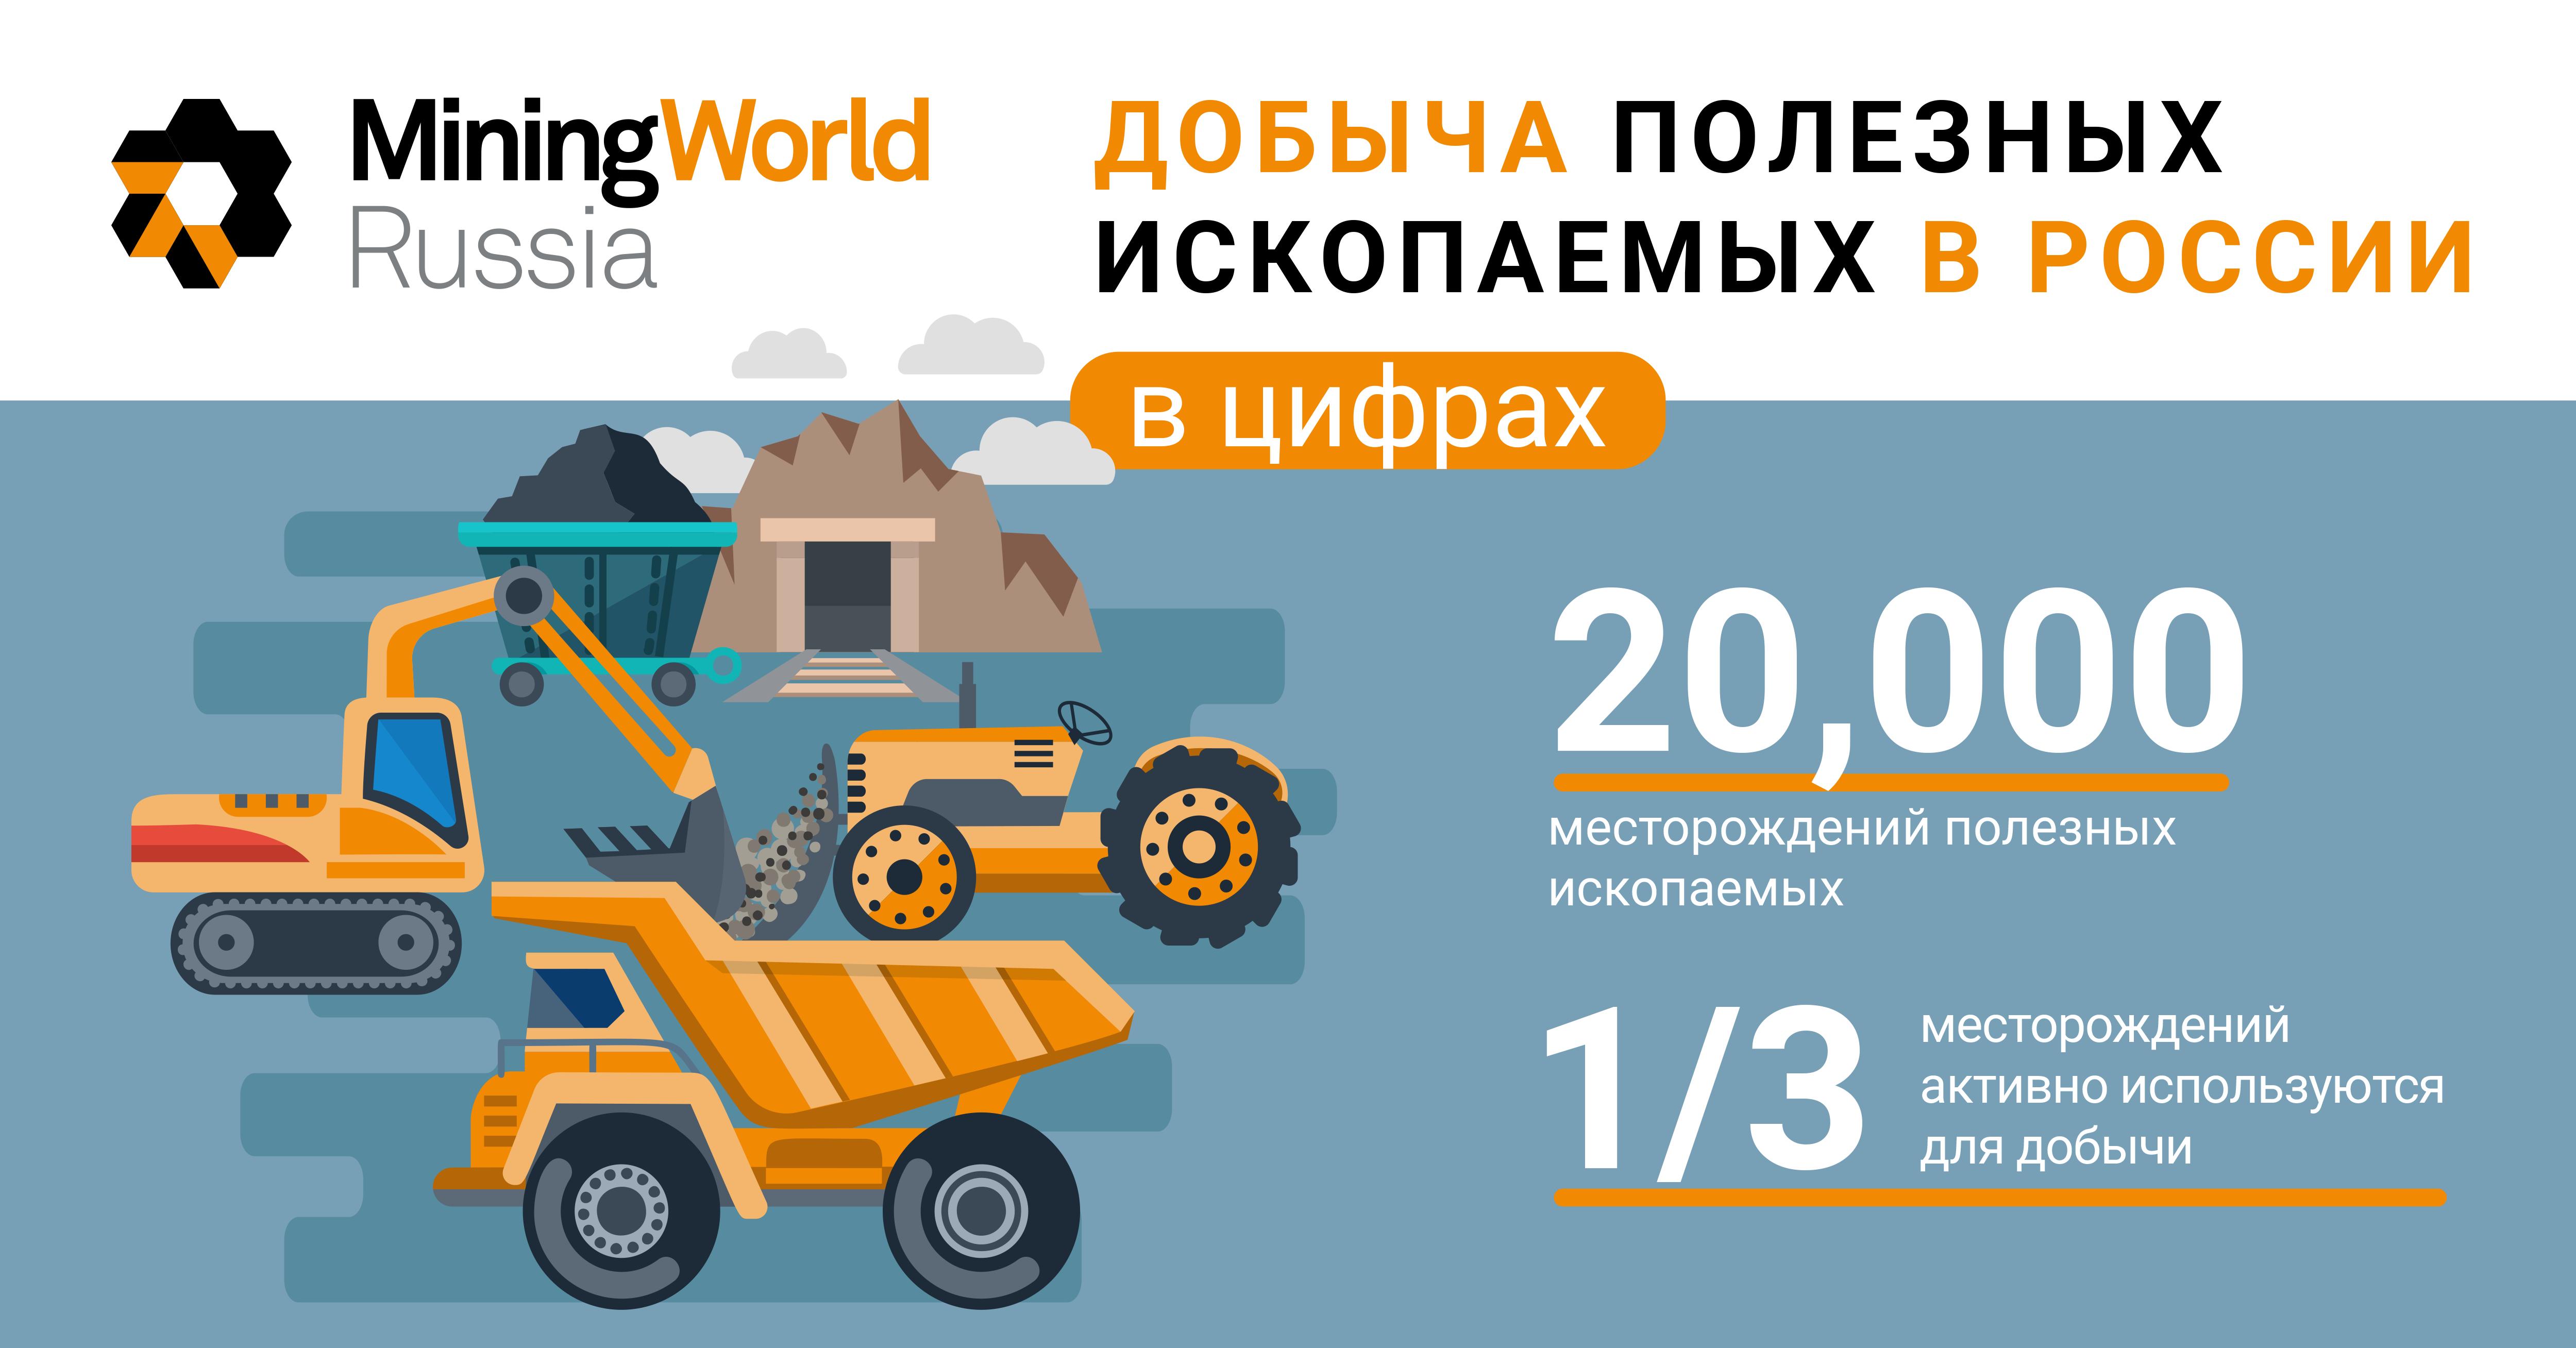 добыча полезных ископаемых в России MiningWorld Russia